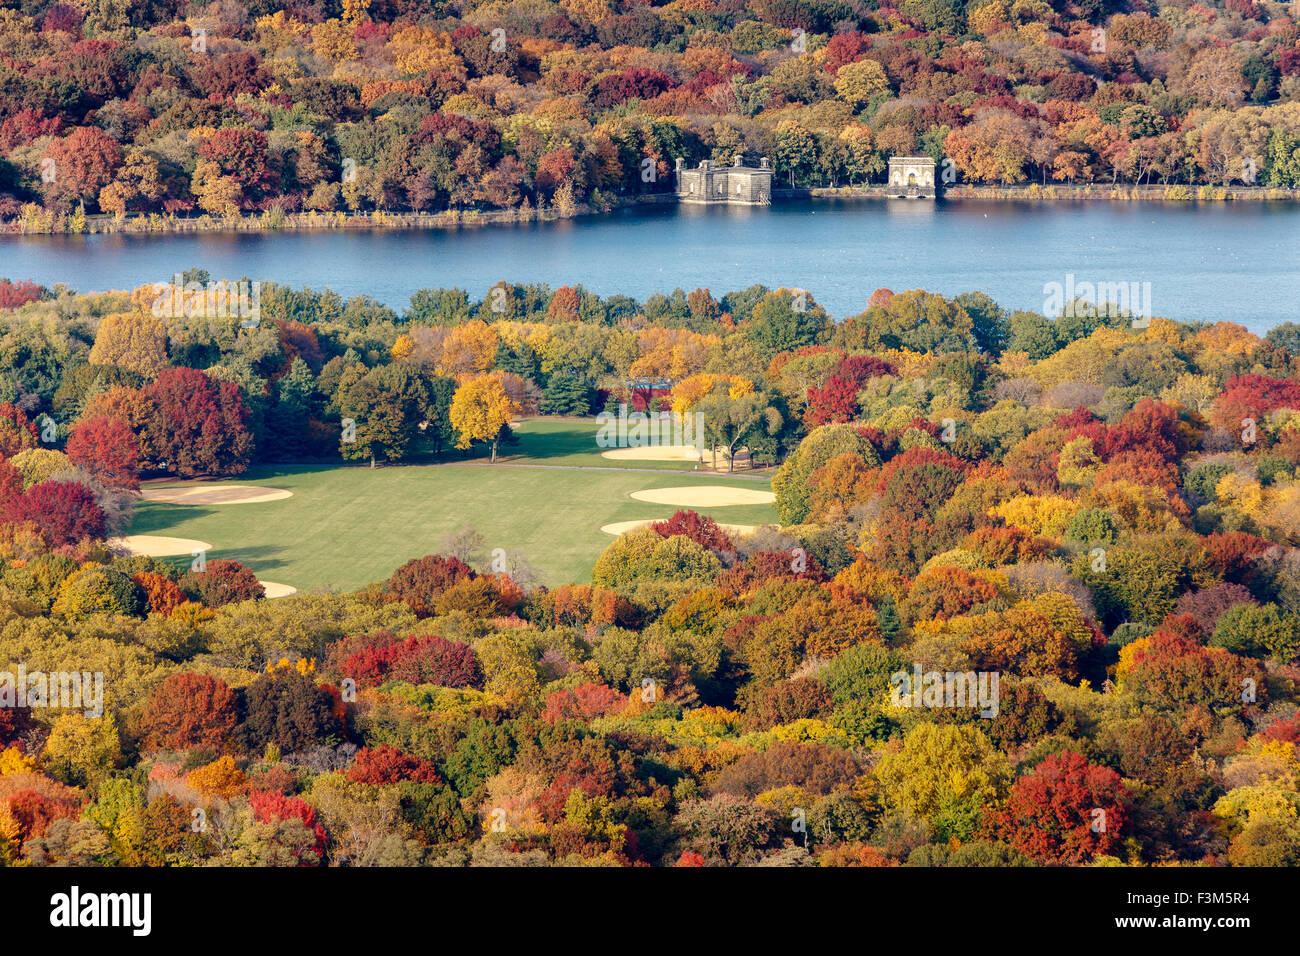 Vue aérienne de la grande pelouse et Jacqueline Kennedy Onassis Reservoir dans Central Park avec feuillage Photo Stock